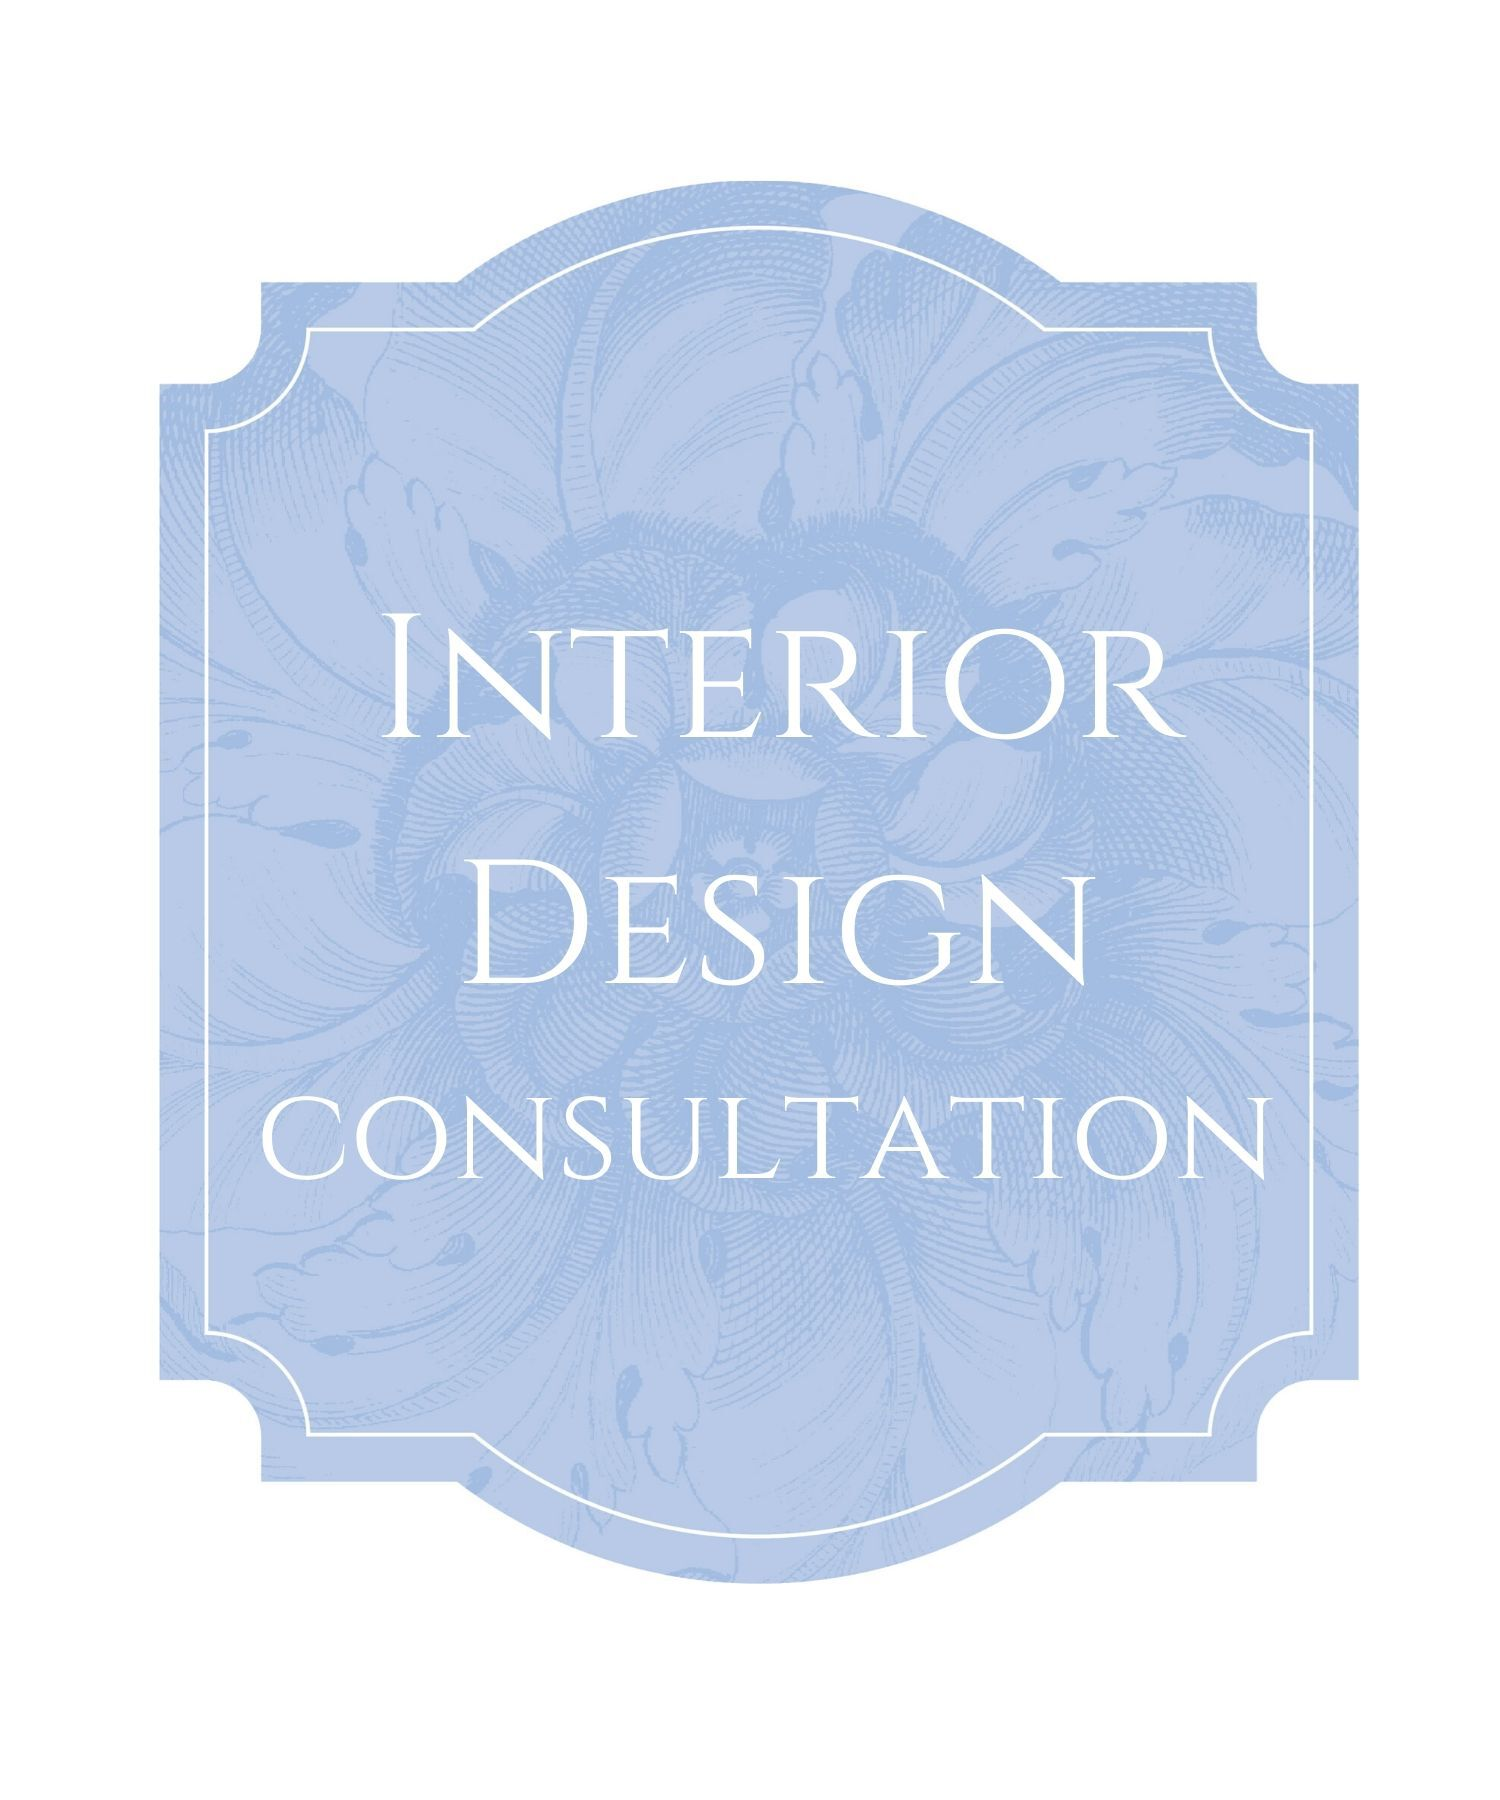 Interior Design Consultation.jpg